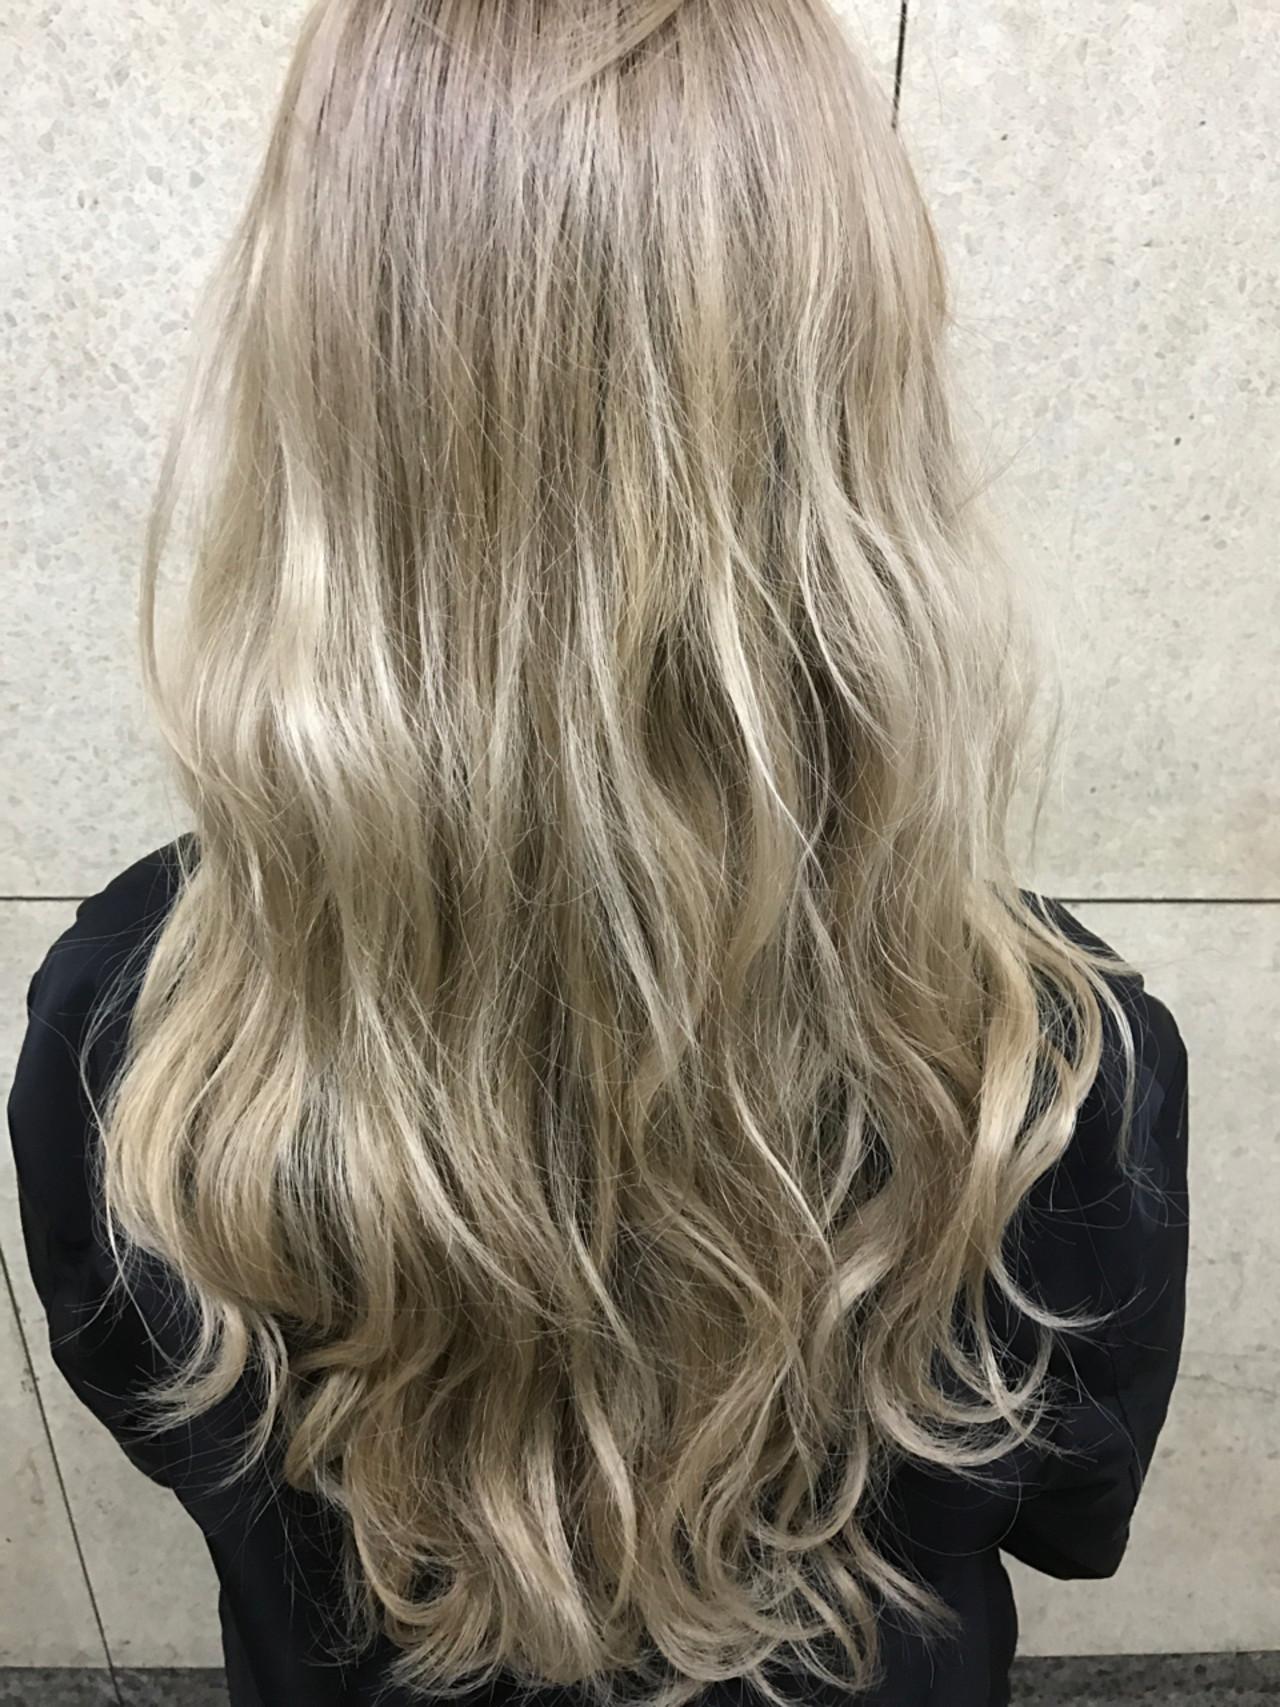 ストリート 金髪 ロング ハイトーン ヘアスタイルや髪型の写真・画像